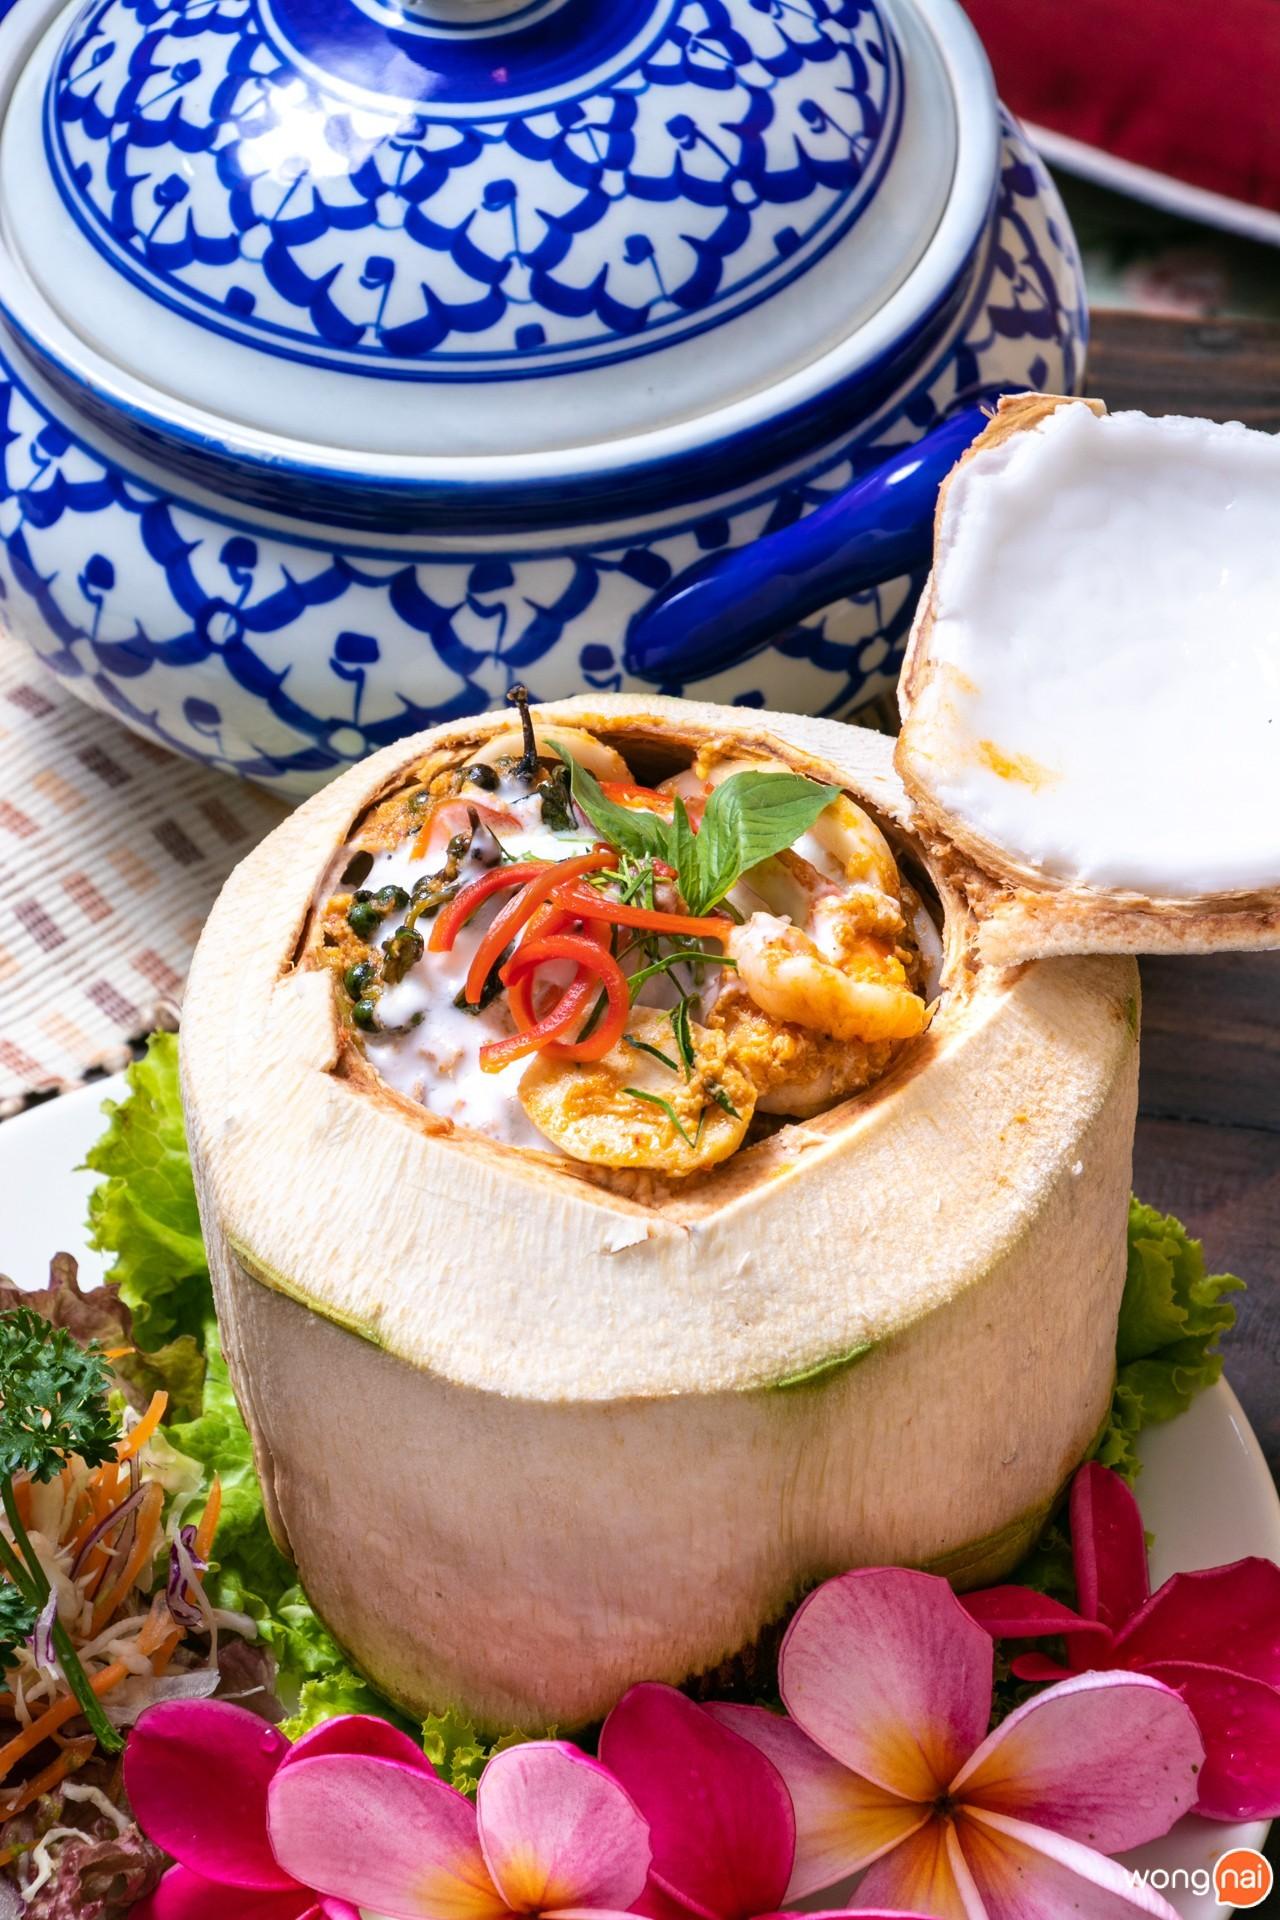 เมนู ห่อหมกทะเลมะพร้าวอ่อน ร้าน ข้าวเม่า เชียงใหม่ Kowmao Cafe & Restaurant เชียงใหม่